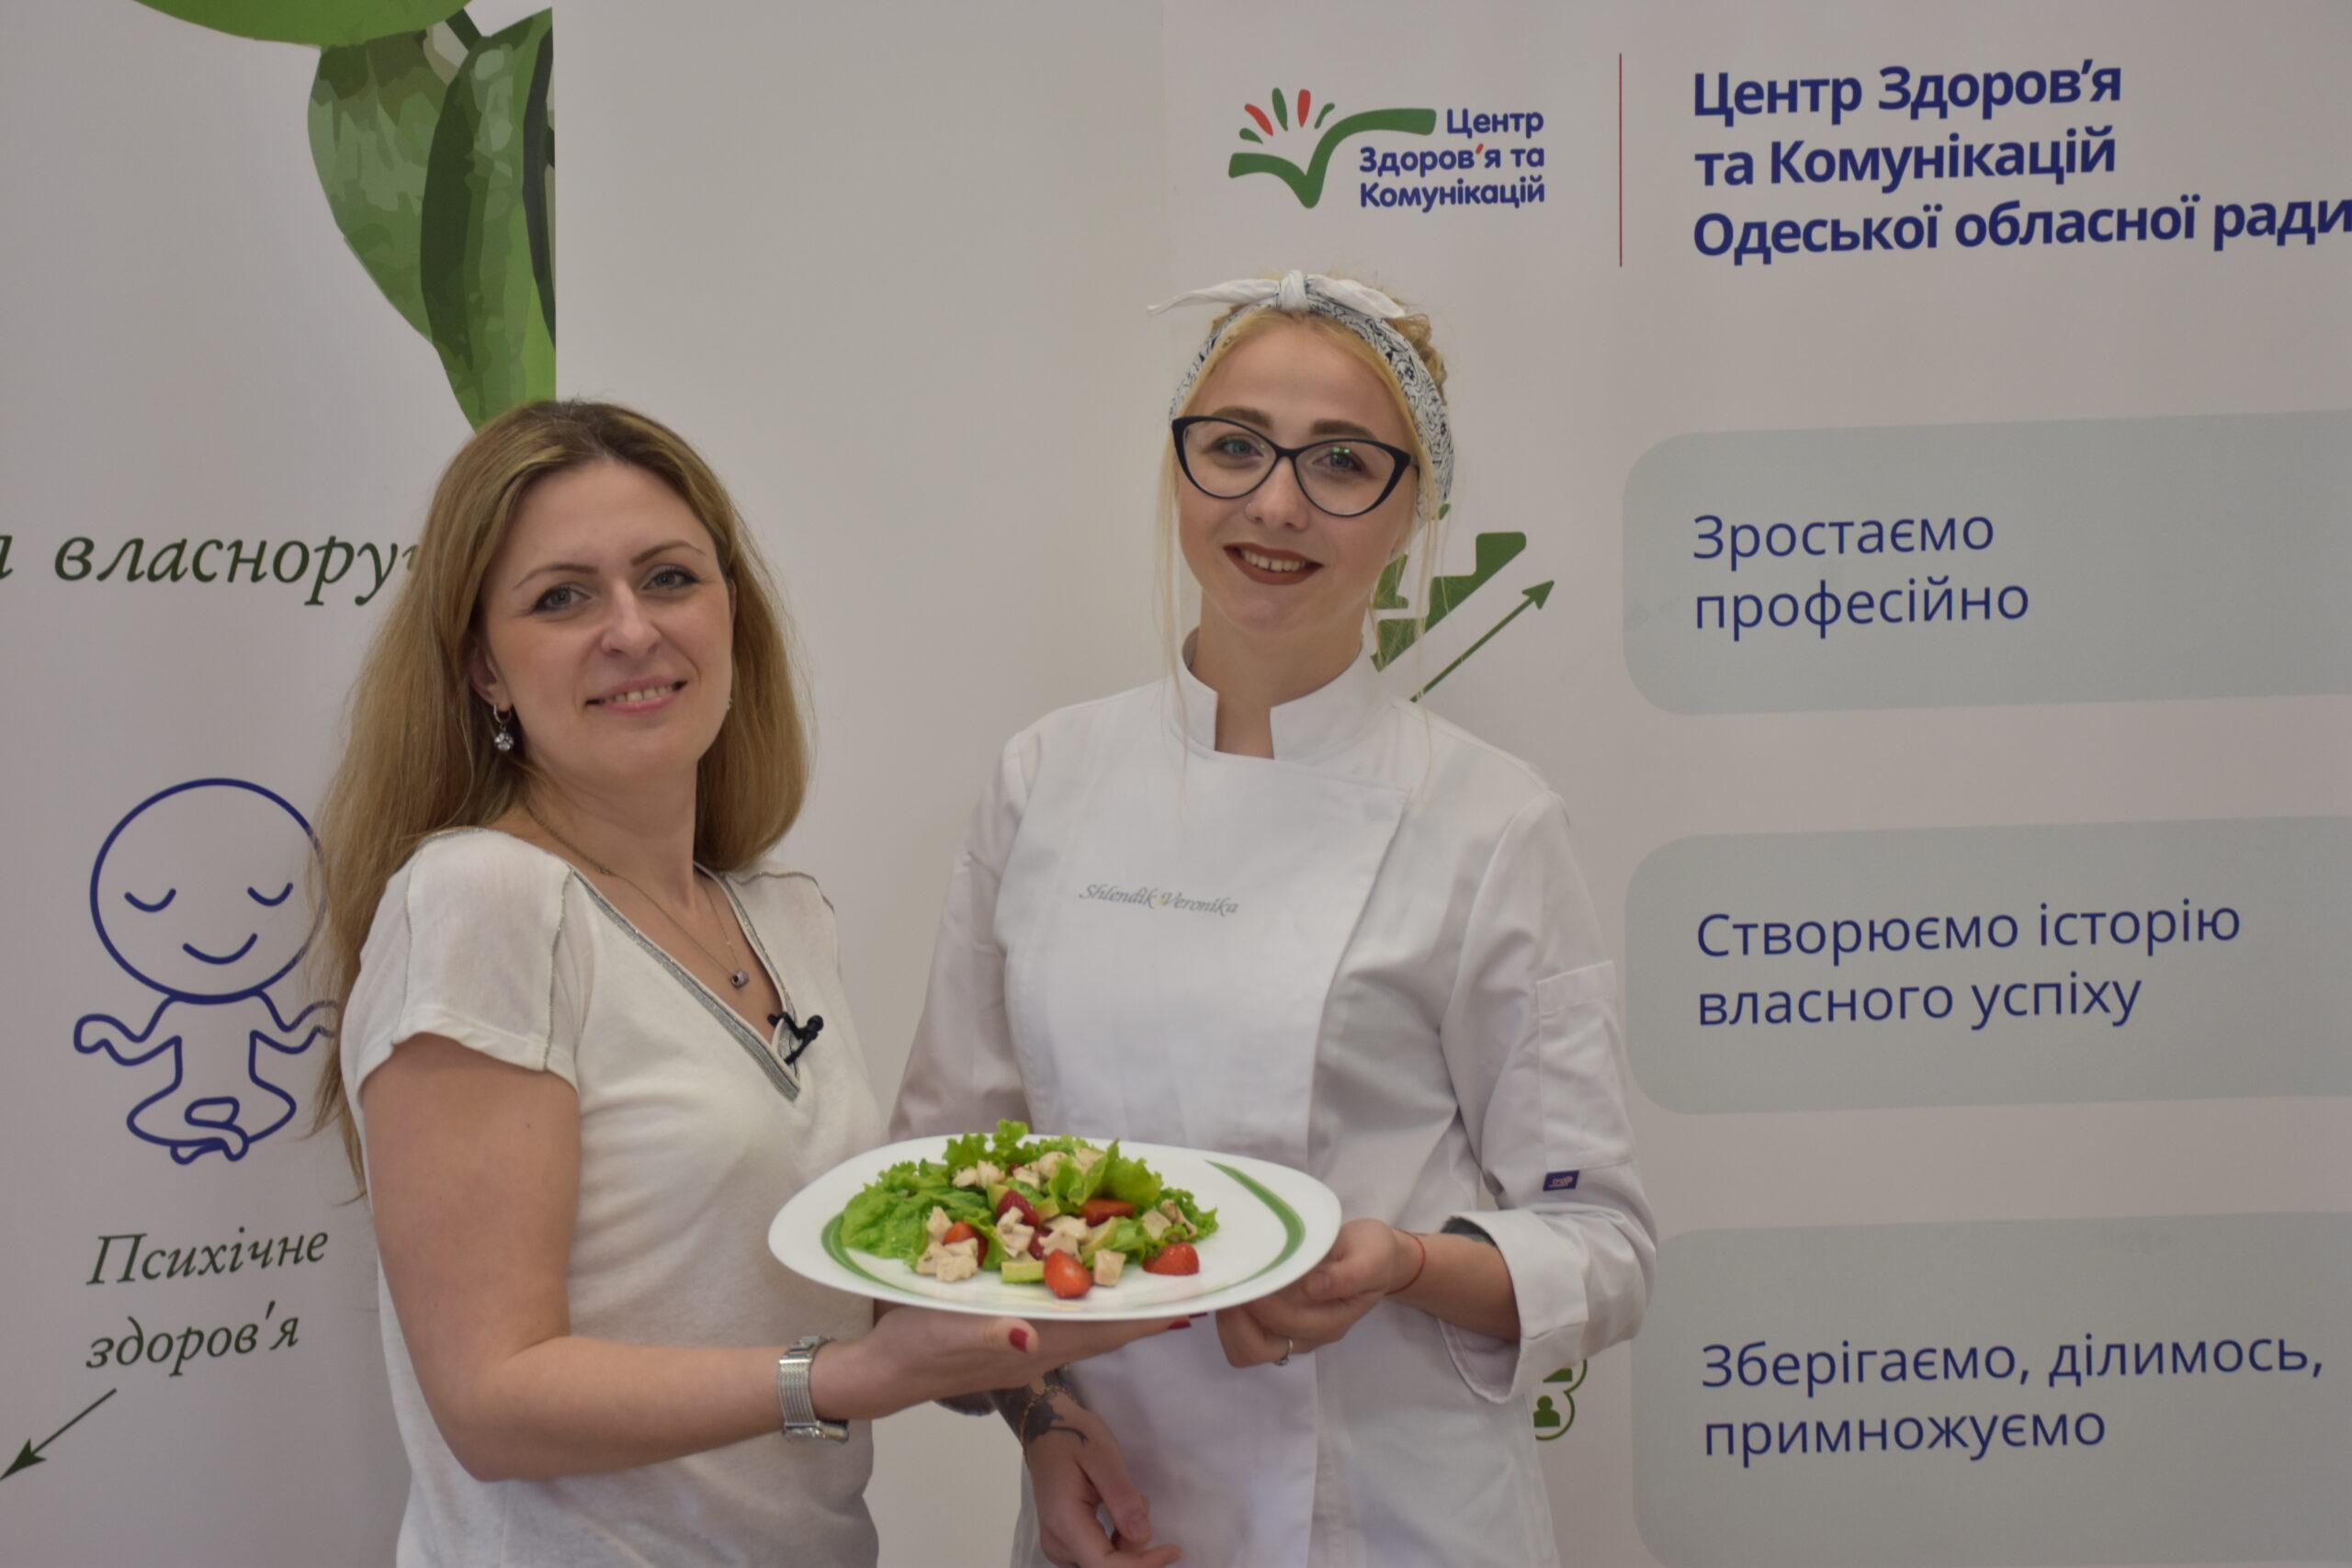 Всемирный День здорового пищеварения: готовим вкусный и полезный салат (ВИДЕО)